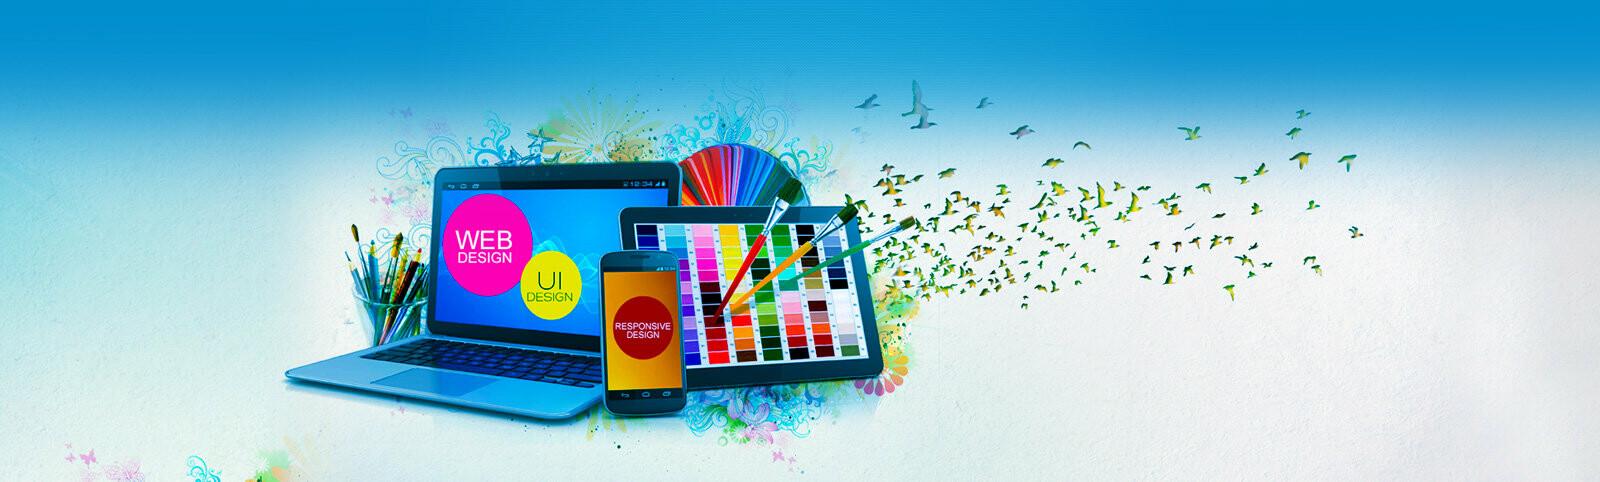 Где создают сайты качественно и не дорого?